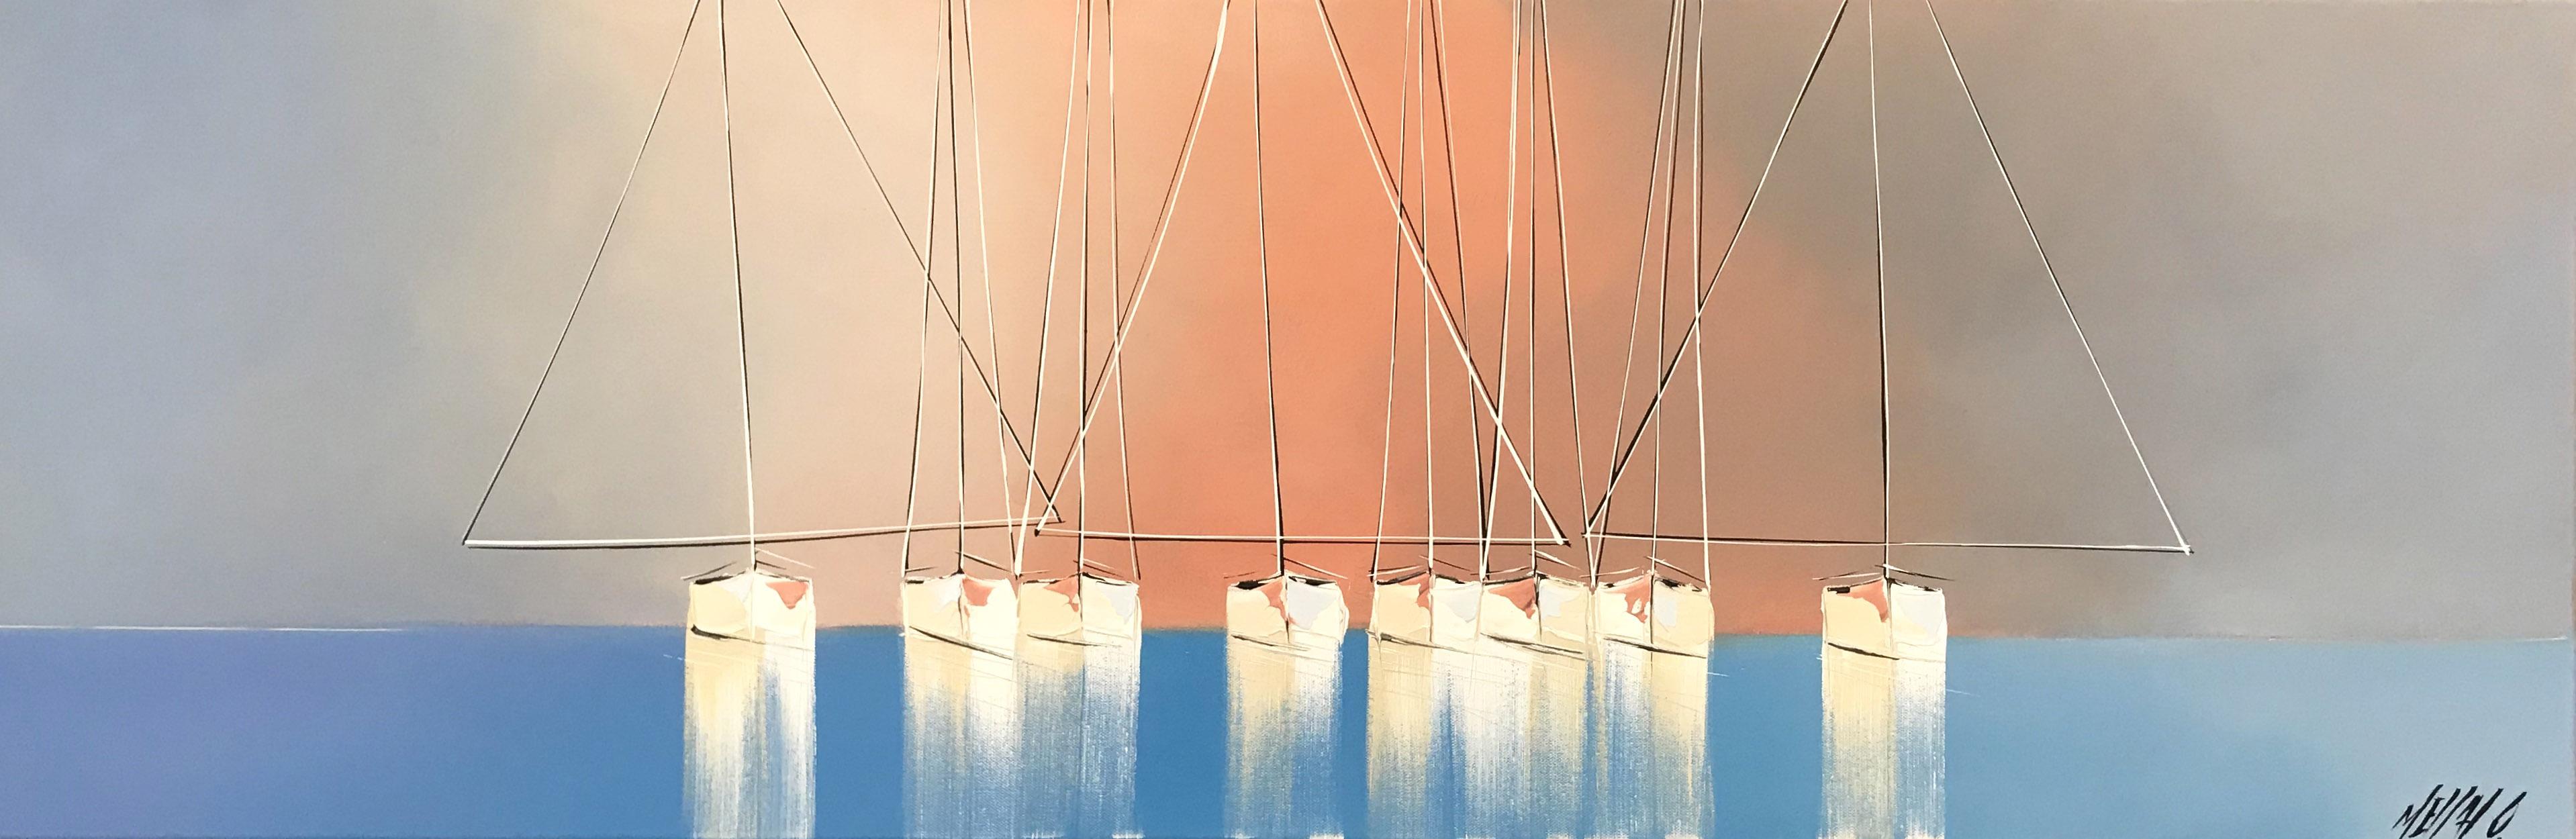 Rêverie en mer   40x120cm